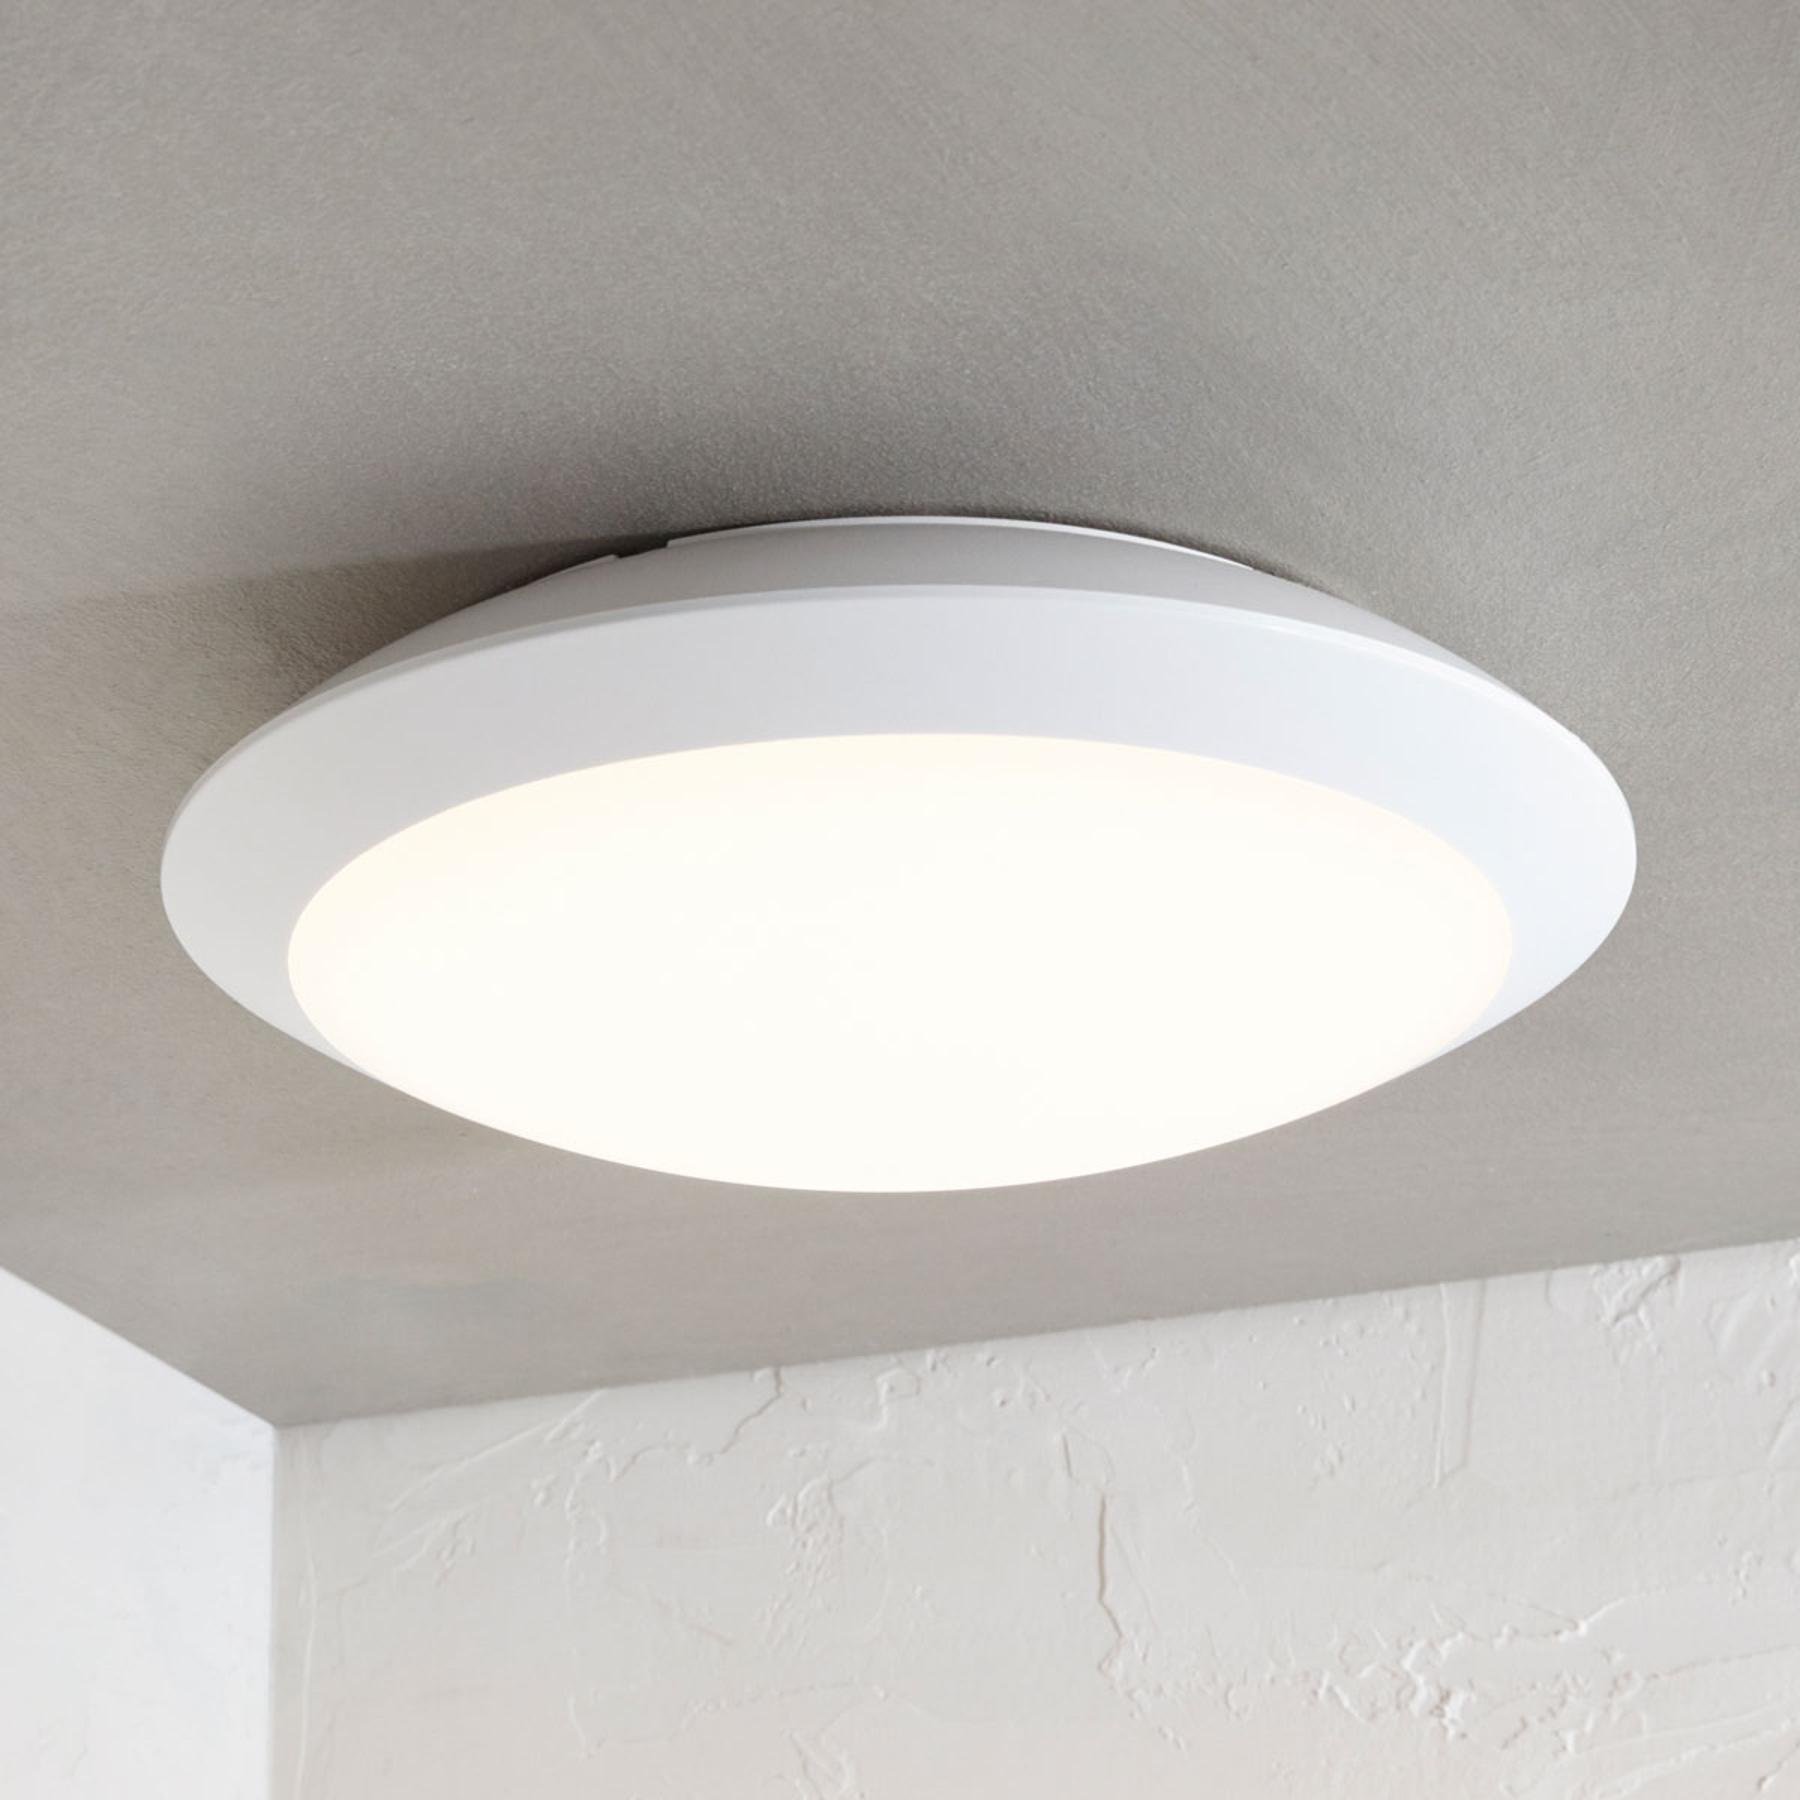 Lampa sufitowa LED Naira biała, z czujnikiem